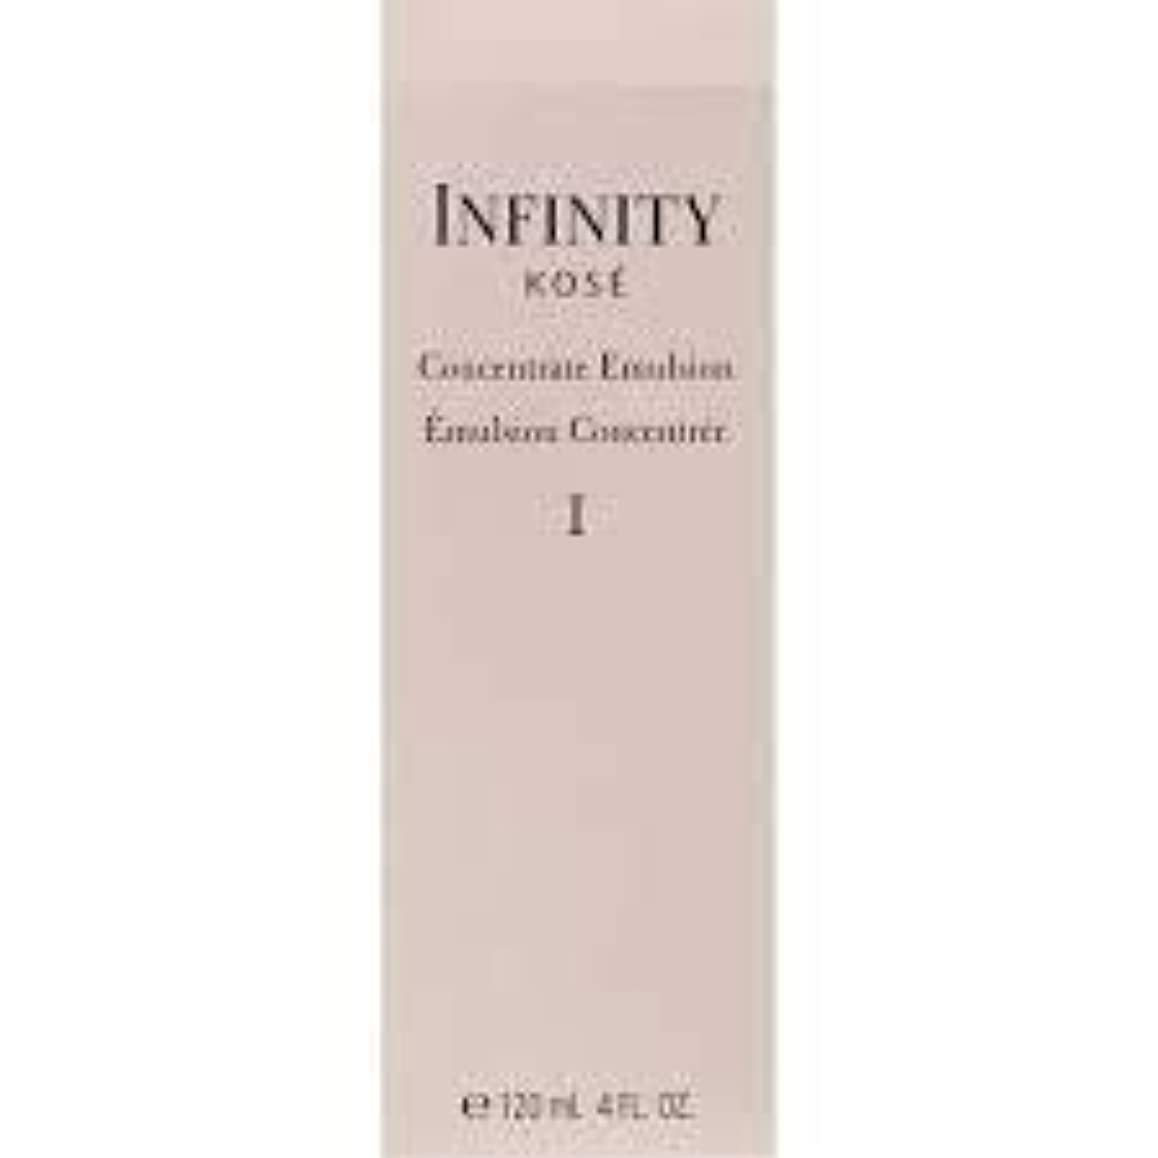 コーセー INFINITY インフィニティ コンセントレート エマルジョン Ⅰ〈乳液〉 120mL